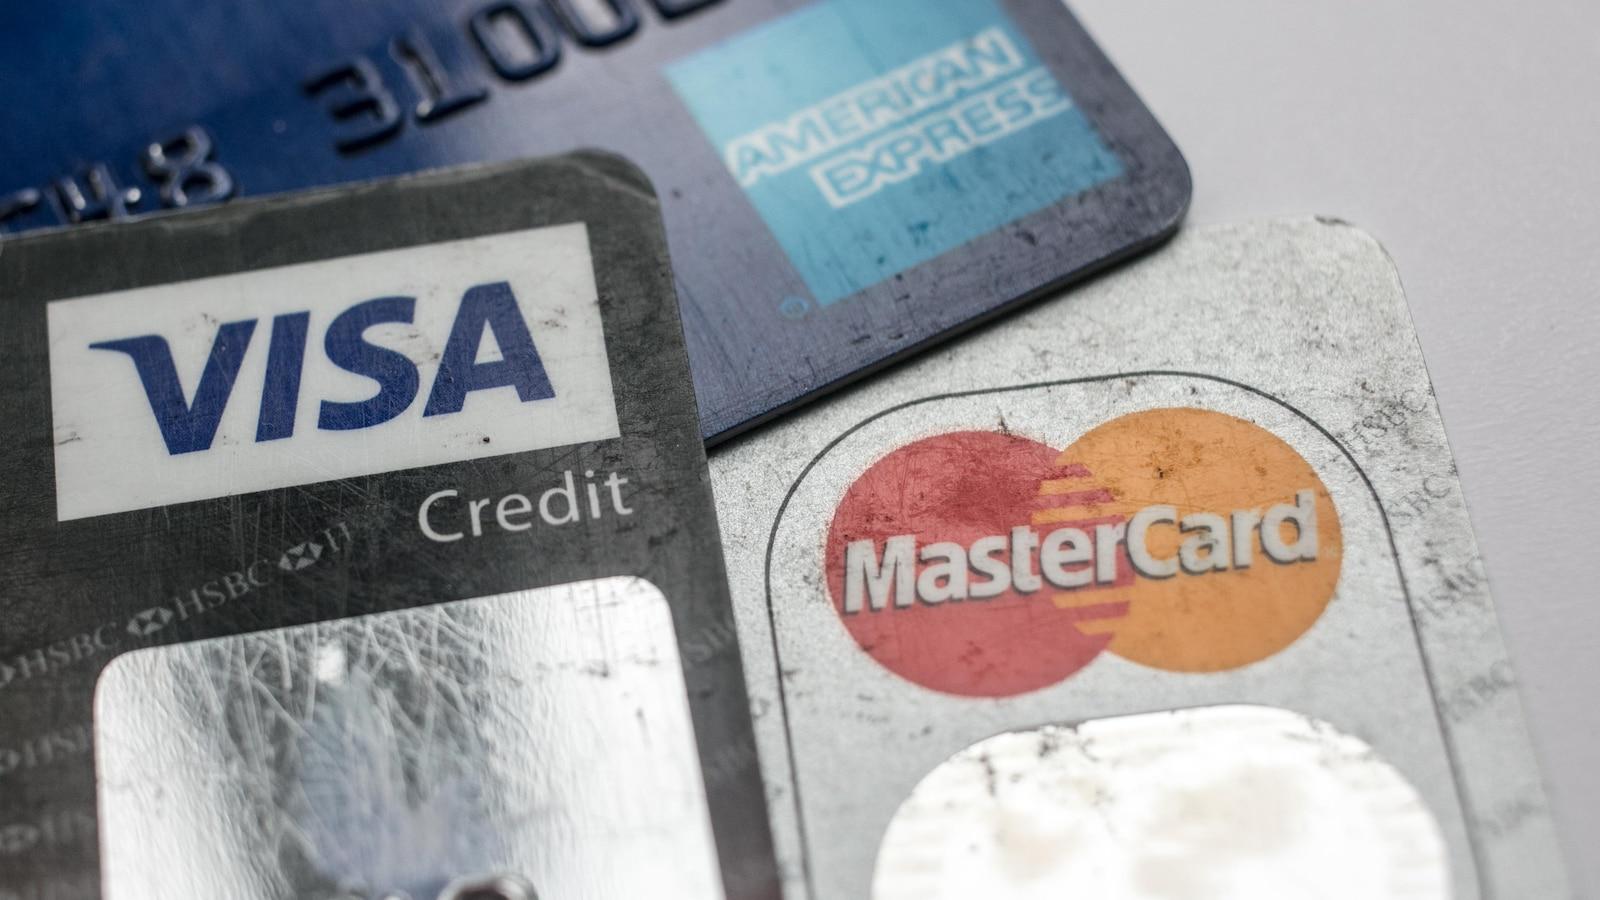 Trois cartes sur lesquelles on peut lire Visa, MasterCard et American Express sont photographiées sur une table. Elles sont vues de très près.